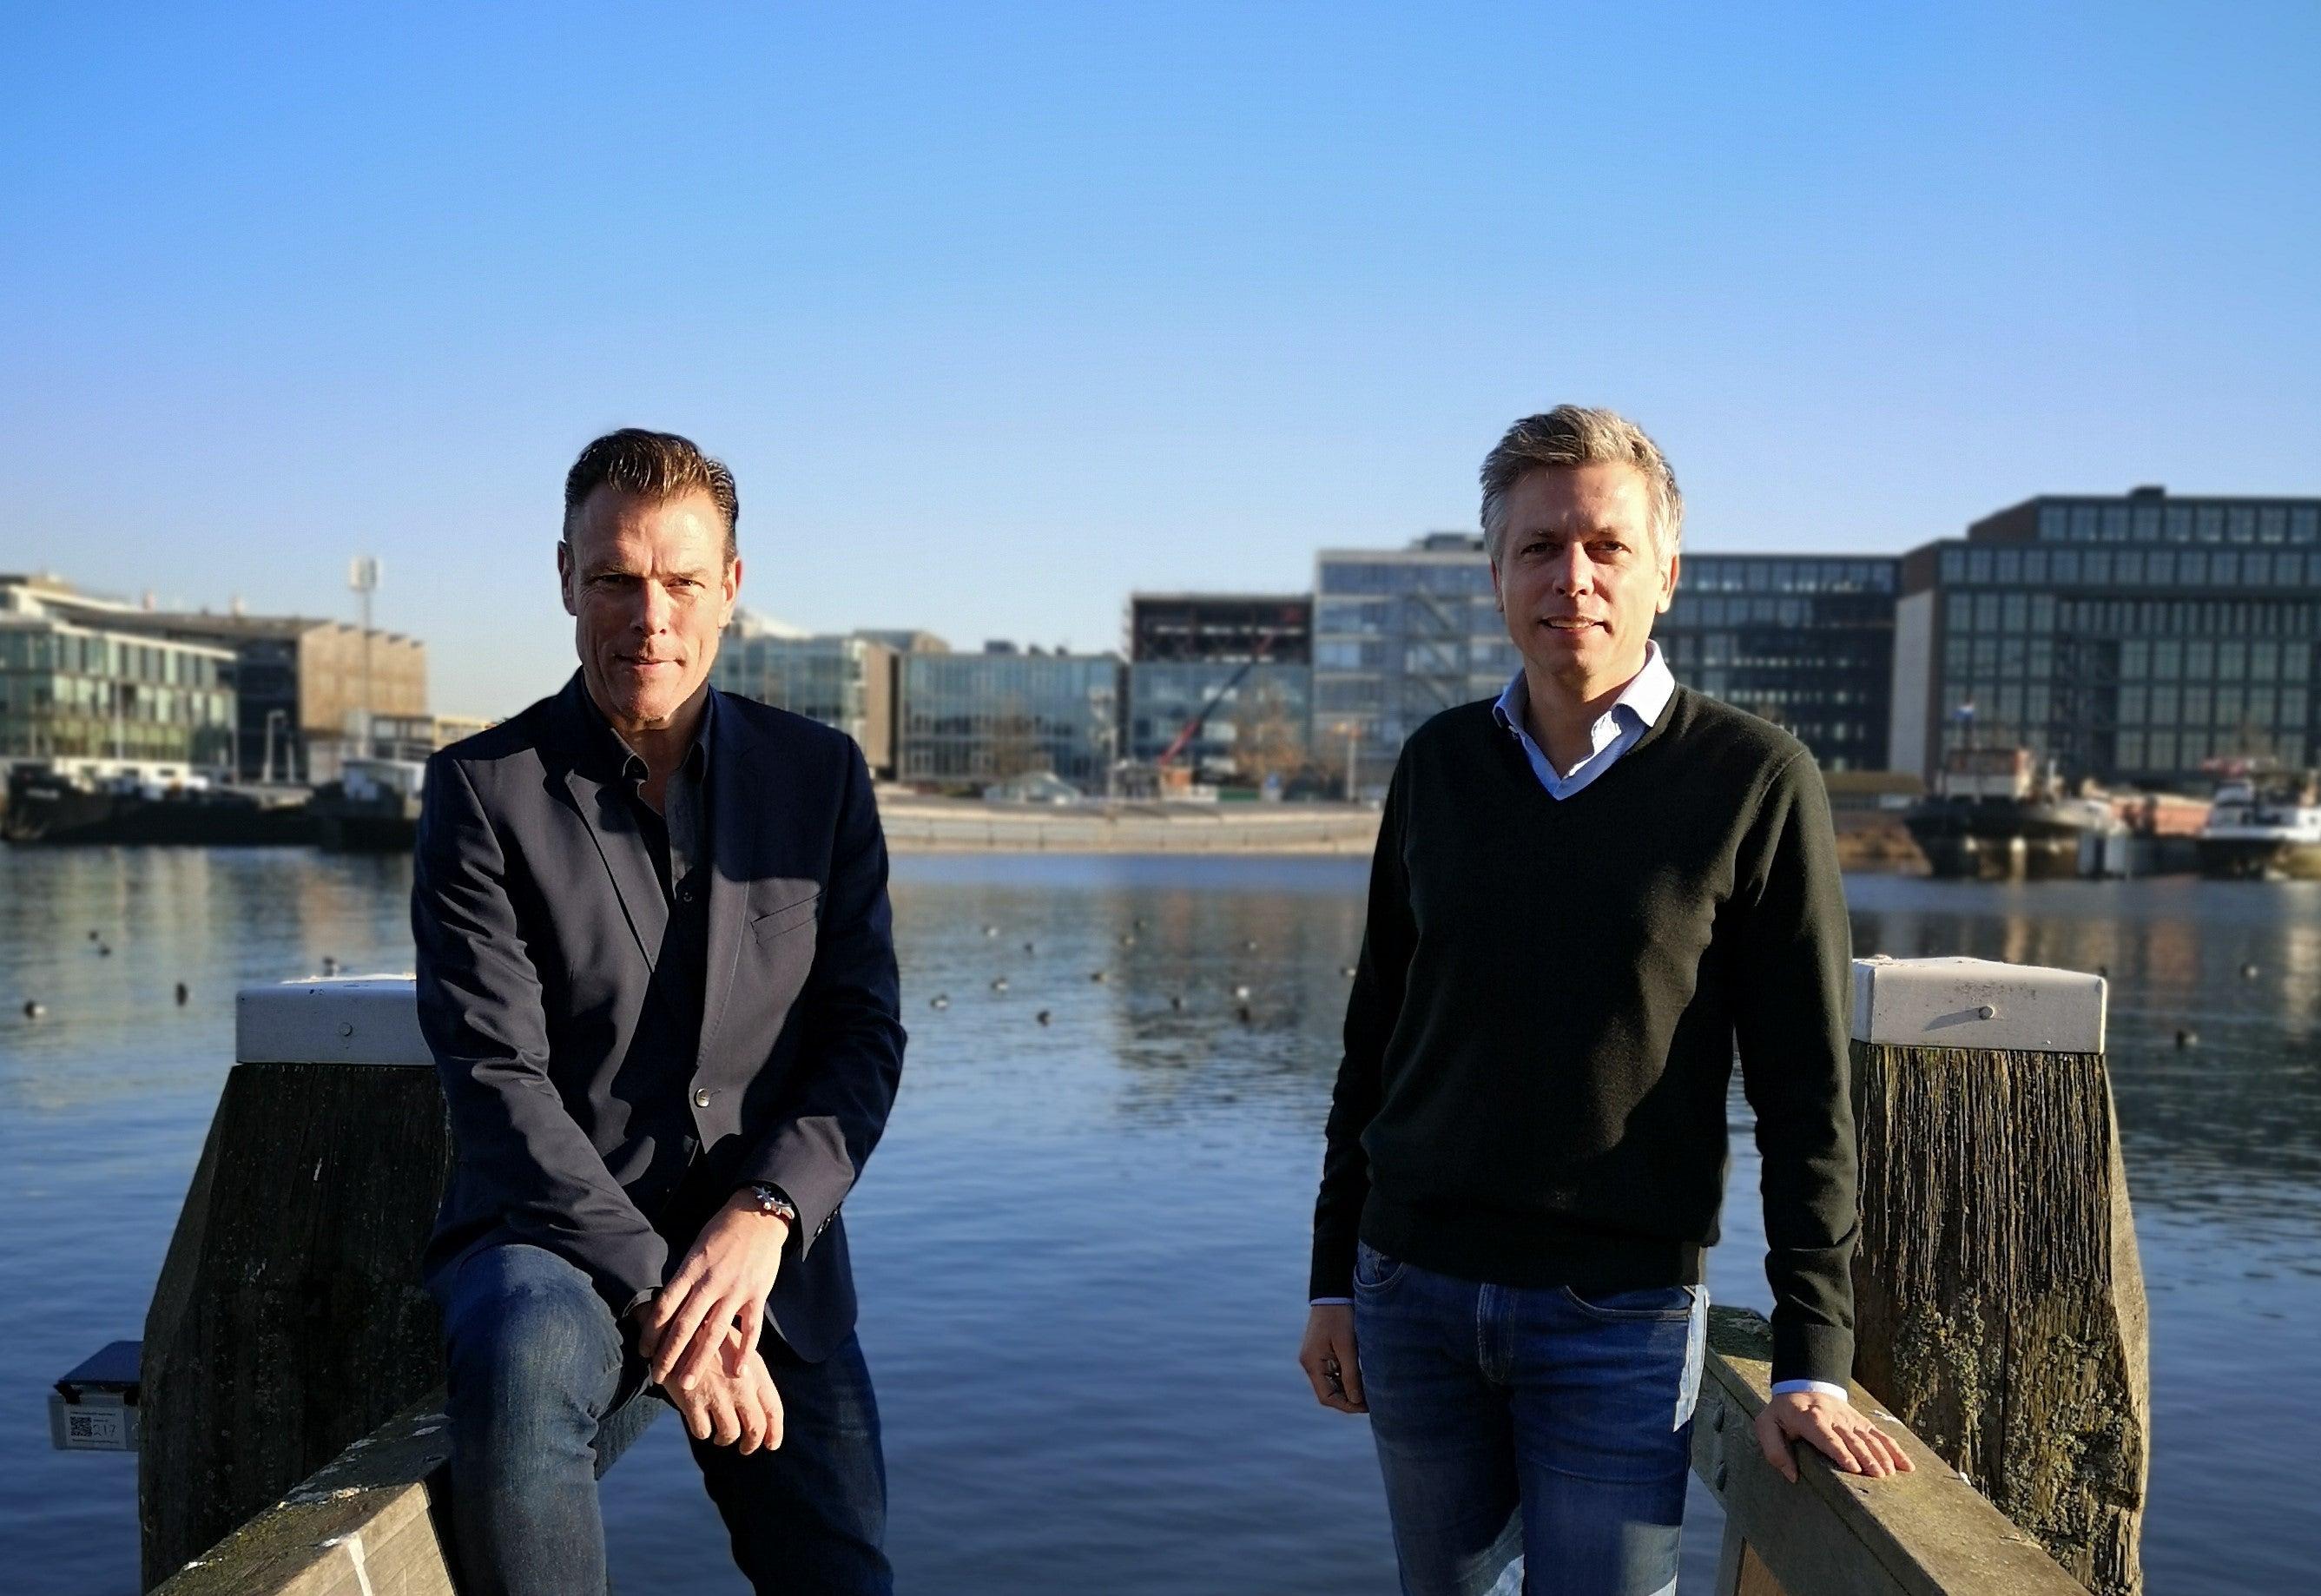 Julius Minnaar and  Mark van Dijk two men posing by the water